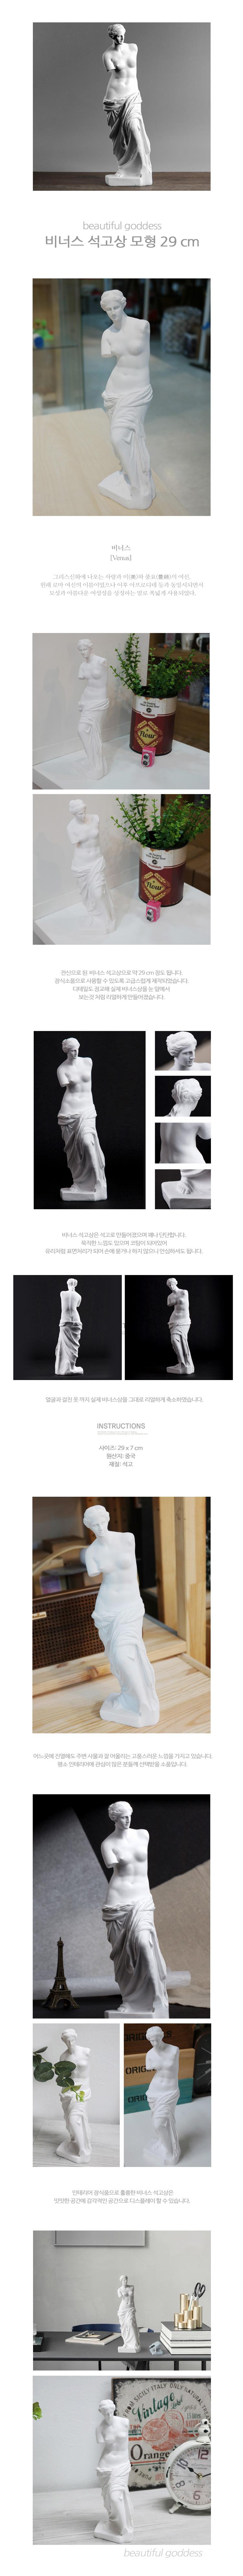 책상위에 비너스 석고상 모형 (29cm) - 진바스, 15,000원, 장식소품, 엔틱오브제